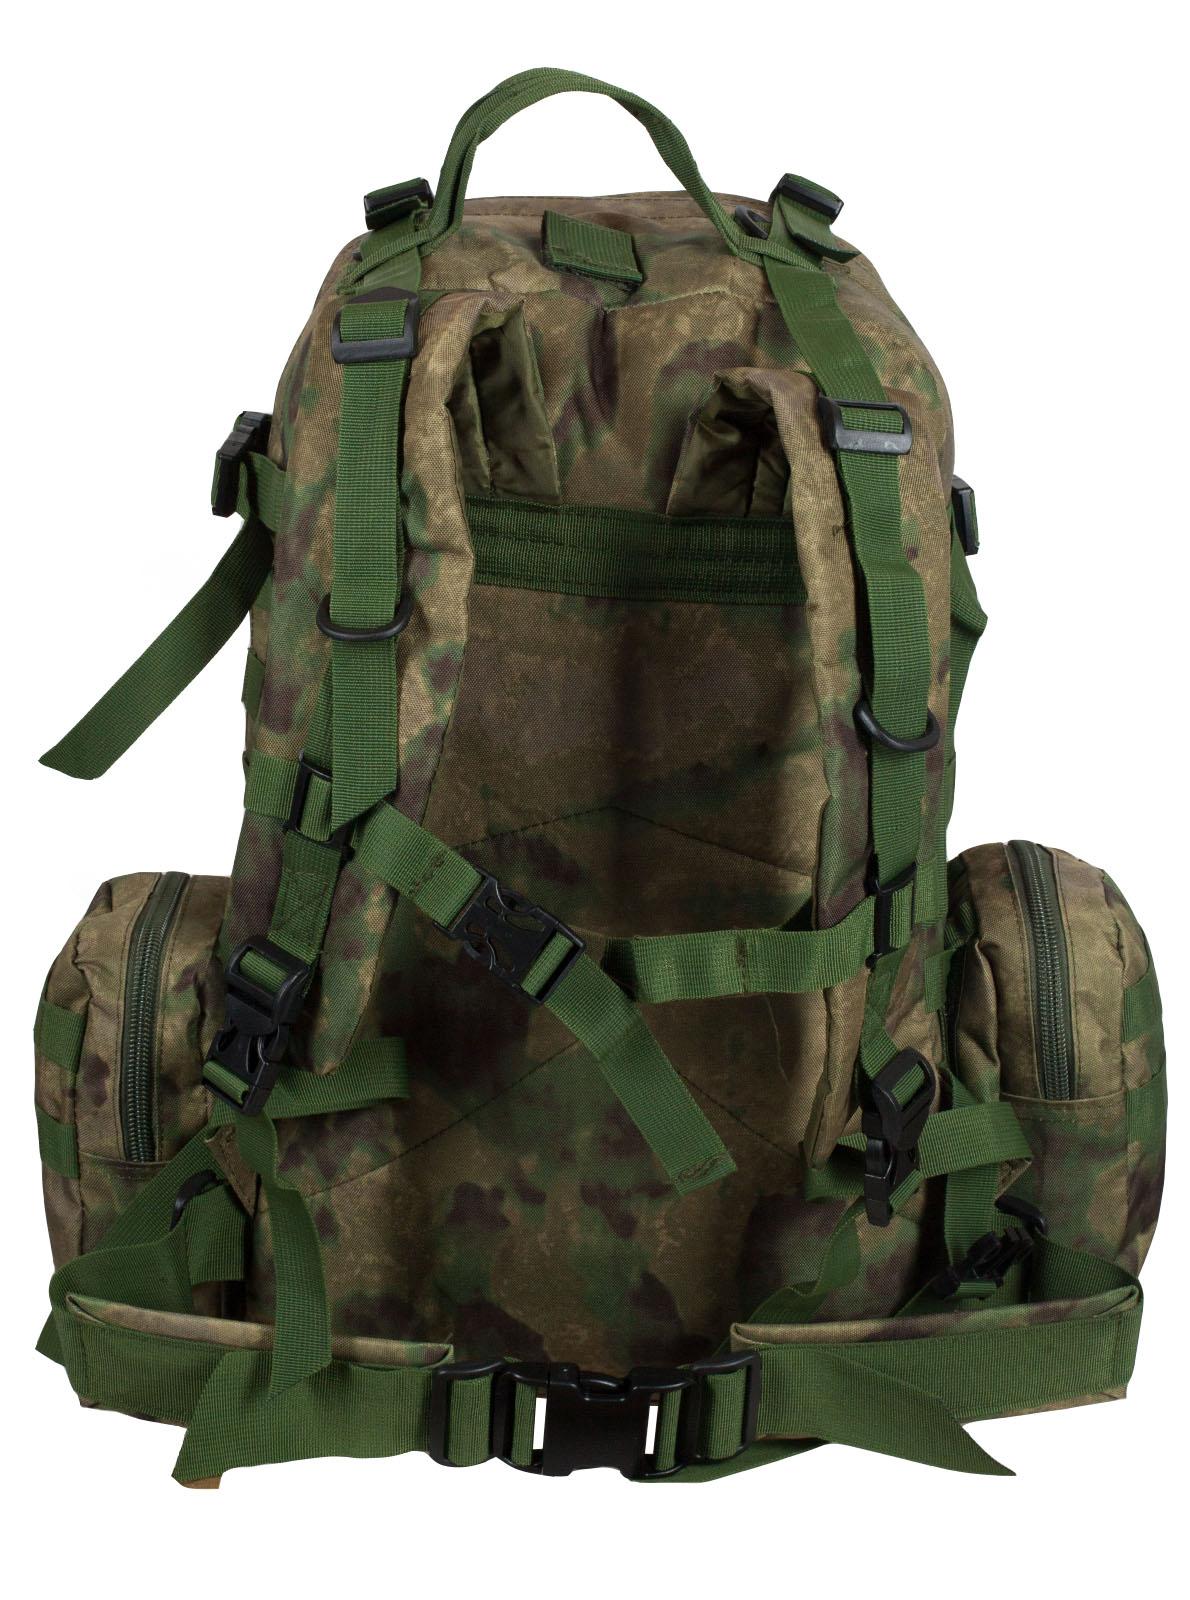 Большой тактический военный рюкзак для полевых условий с эмблемой МВД заказать в Военпро